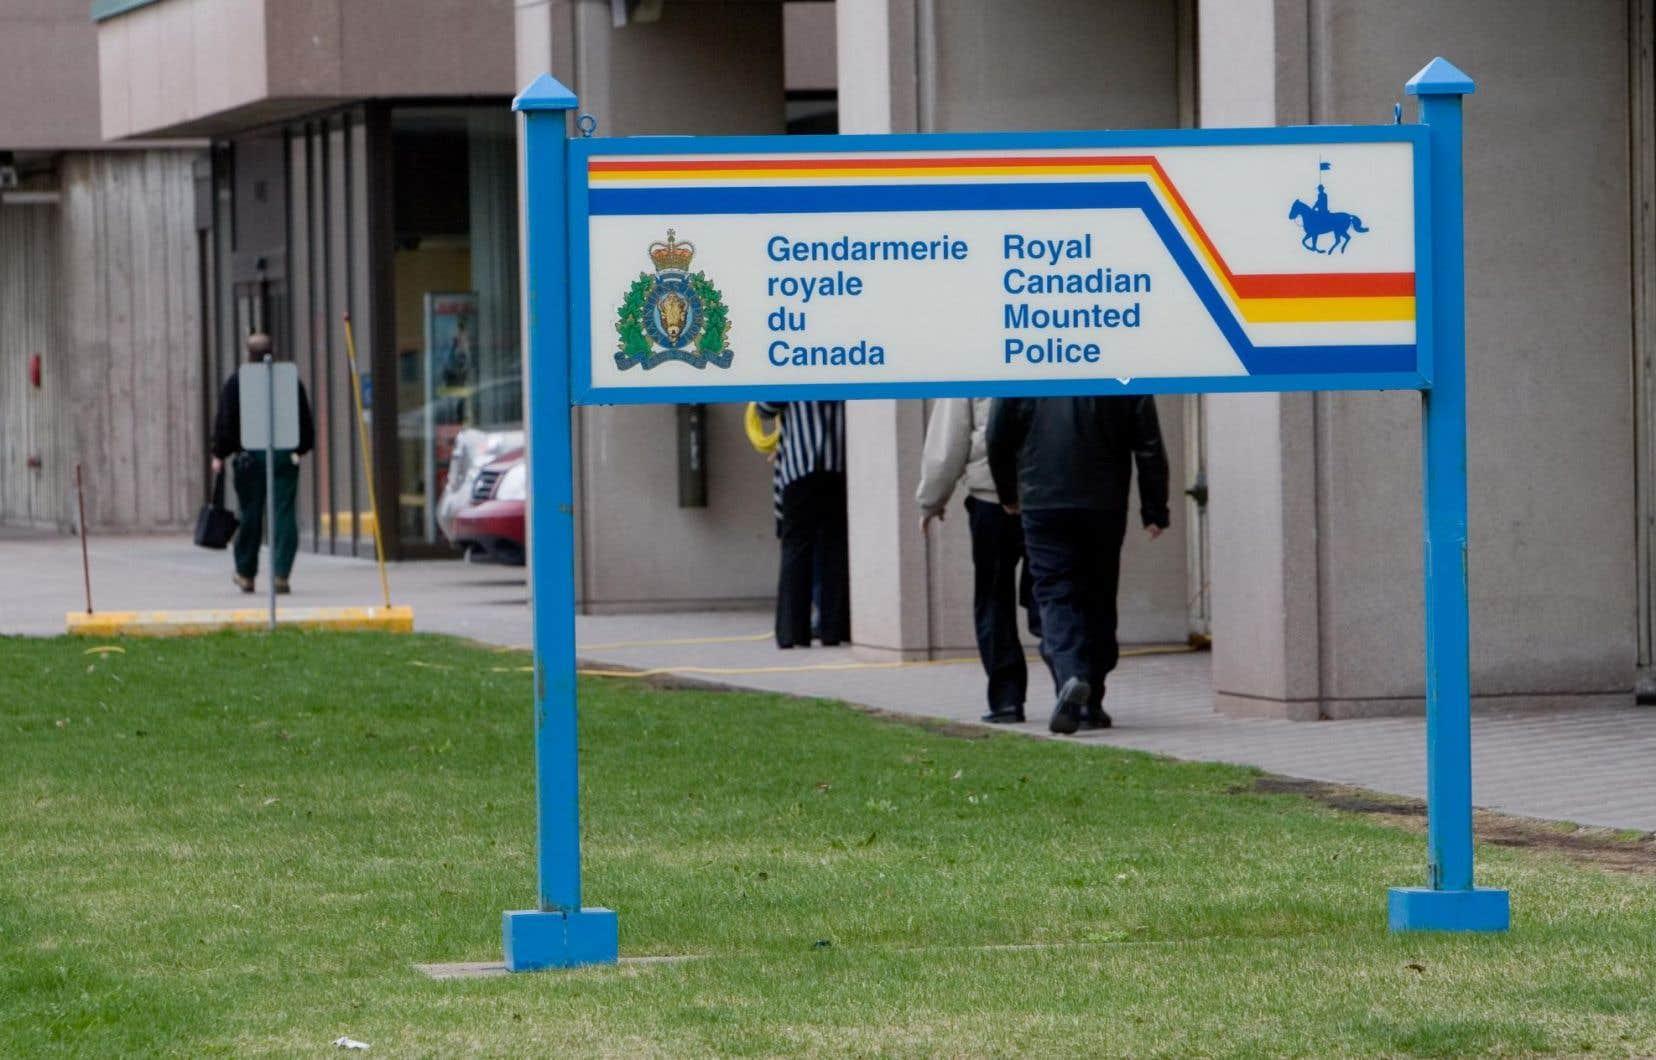 L'Agence du revenu du Canada, la Gendarmerie royale du Canada et le ministère de l'Immigration, l'Agence des services frontaliers et la Commission de la fonction publique sont les lieux de pouvoir le plus souvent cités dans ses plaintes.